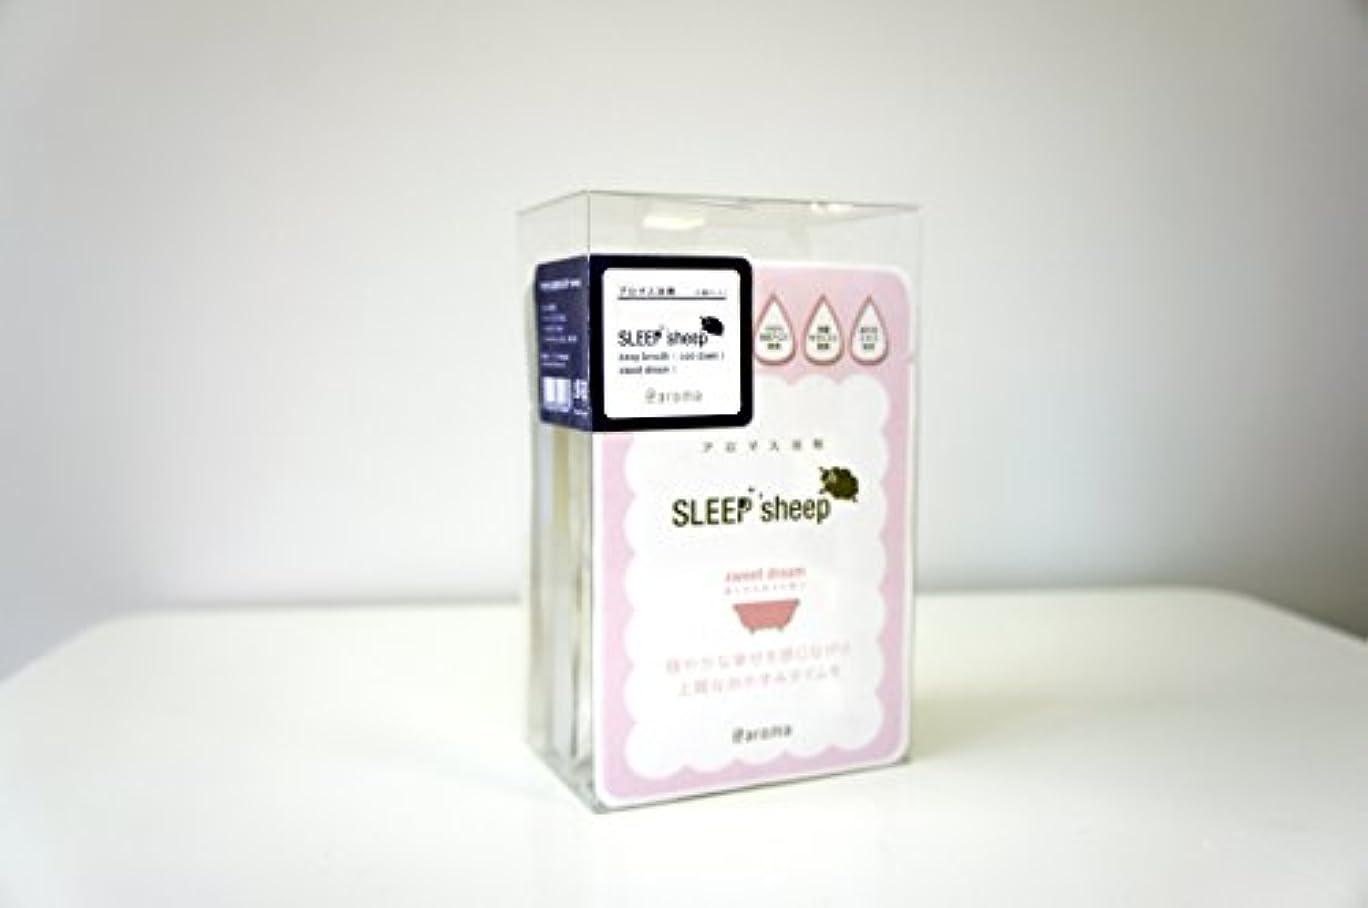 提出する残る参加するアロマ入浴剤 SLEEP sheep 6個セット